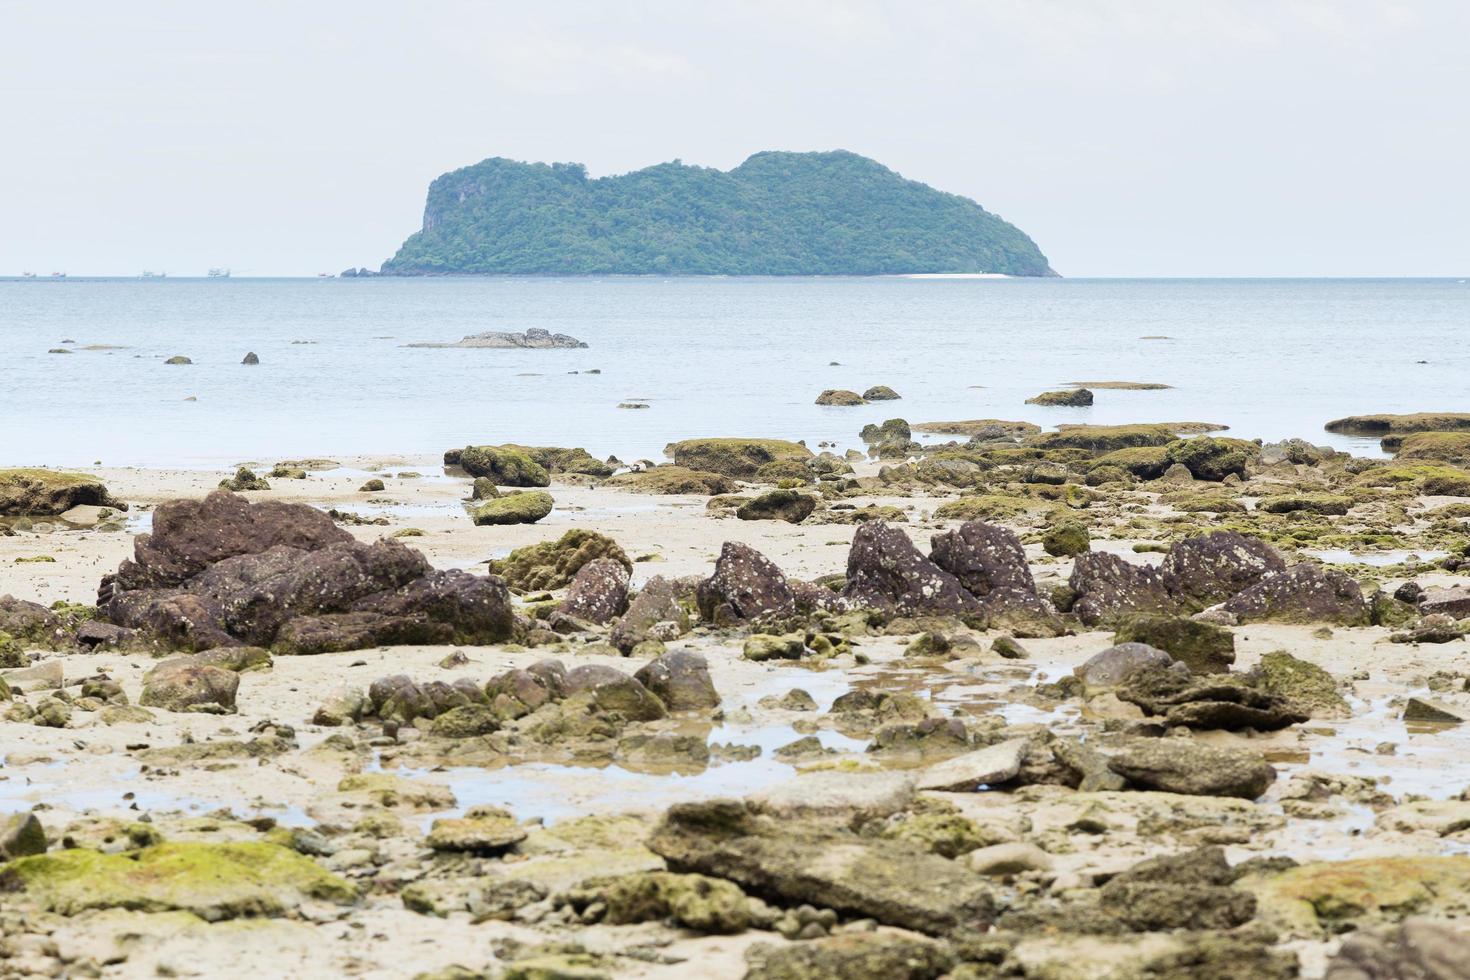 isla y playa en tailandia foto